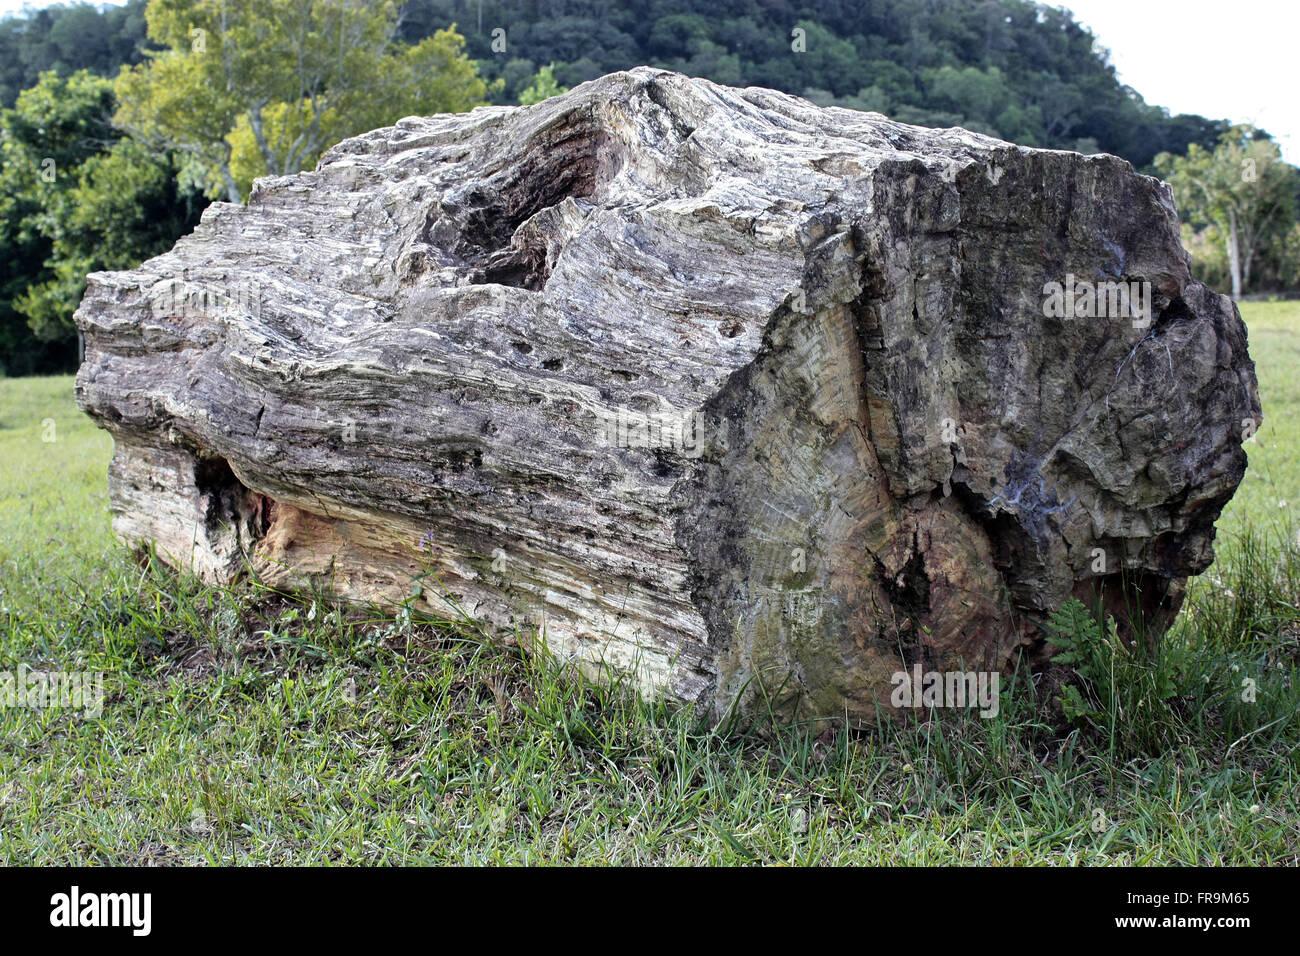 Tronc d'arbre fossilisé - petrified - datée du c. Photo Stock